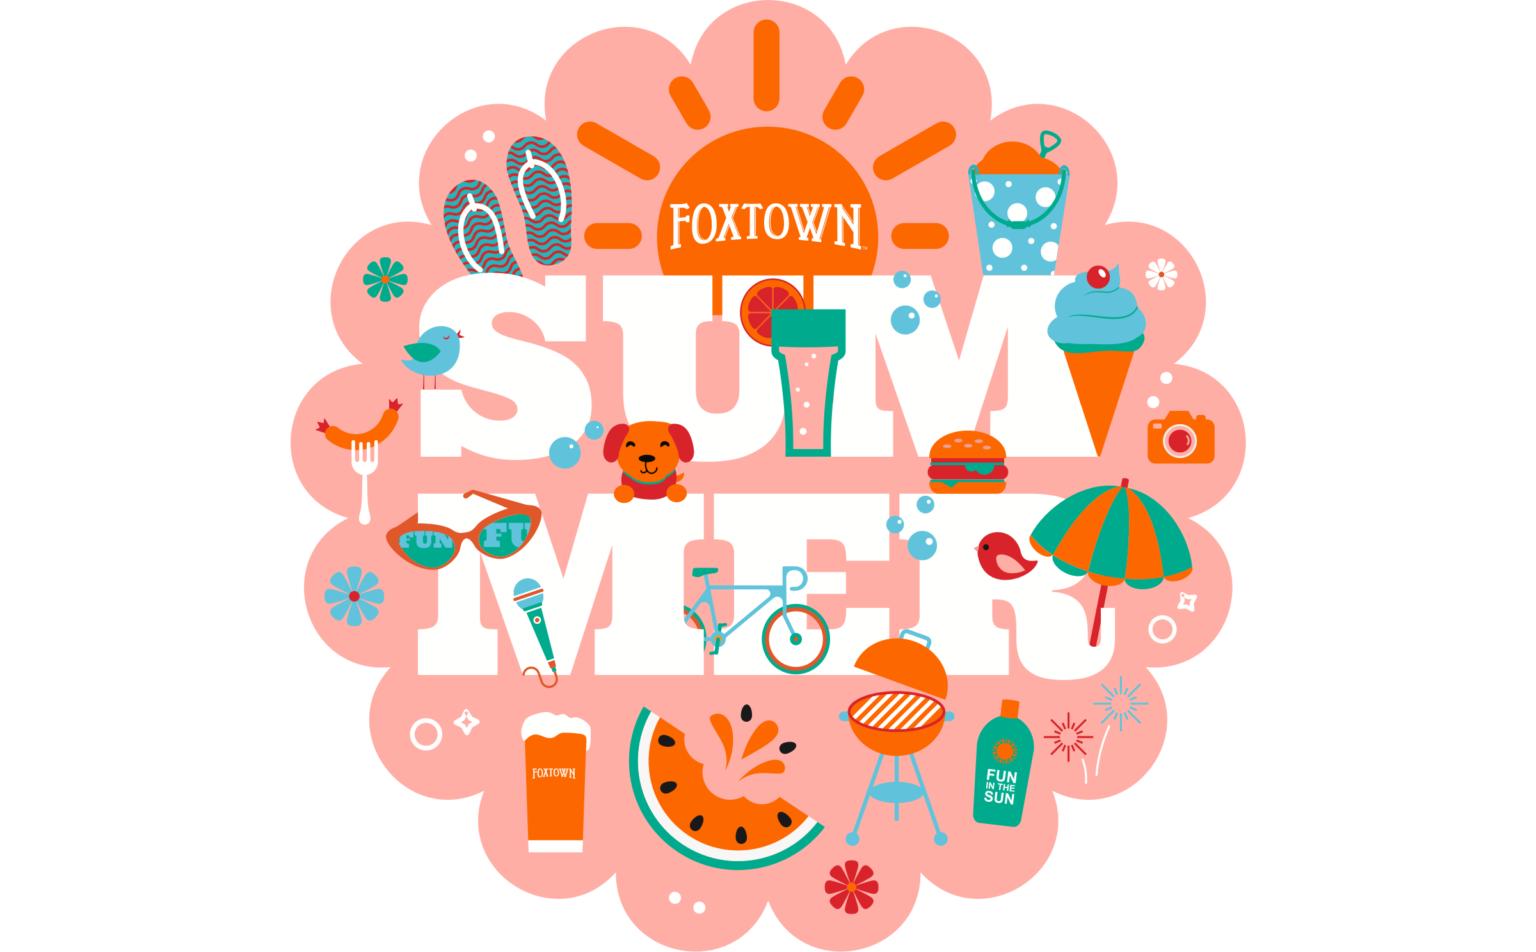 foxtownsummer_Logo_Banner-1536x952